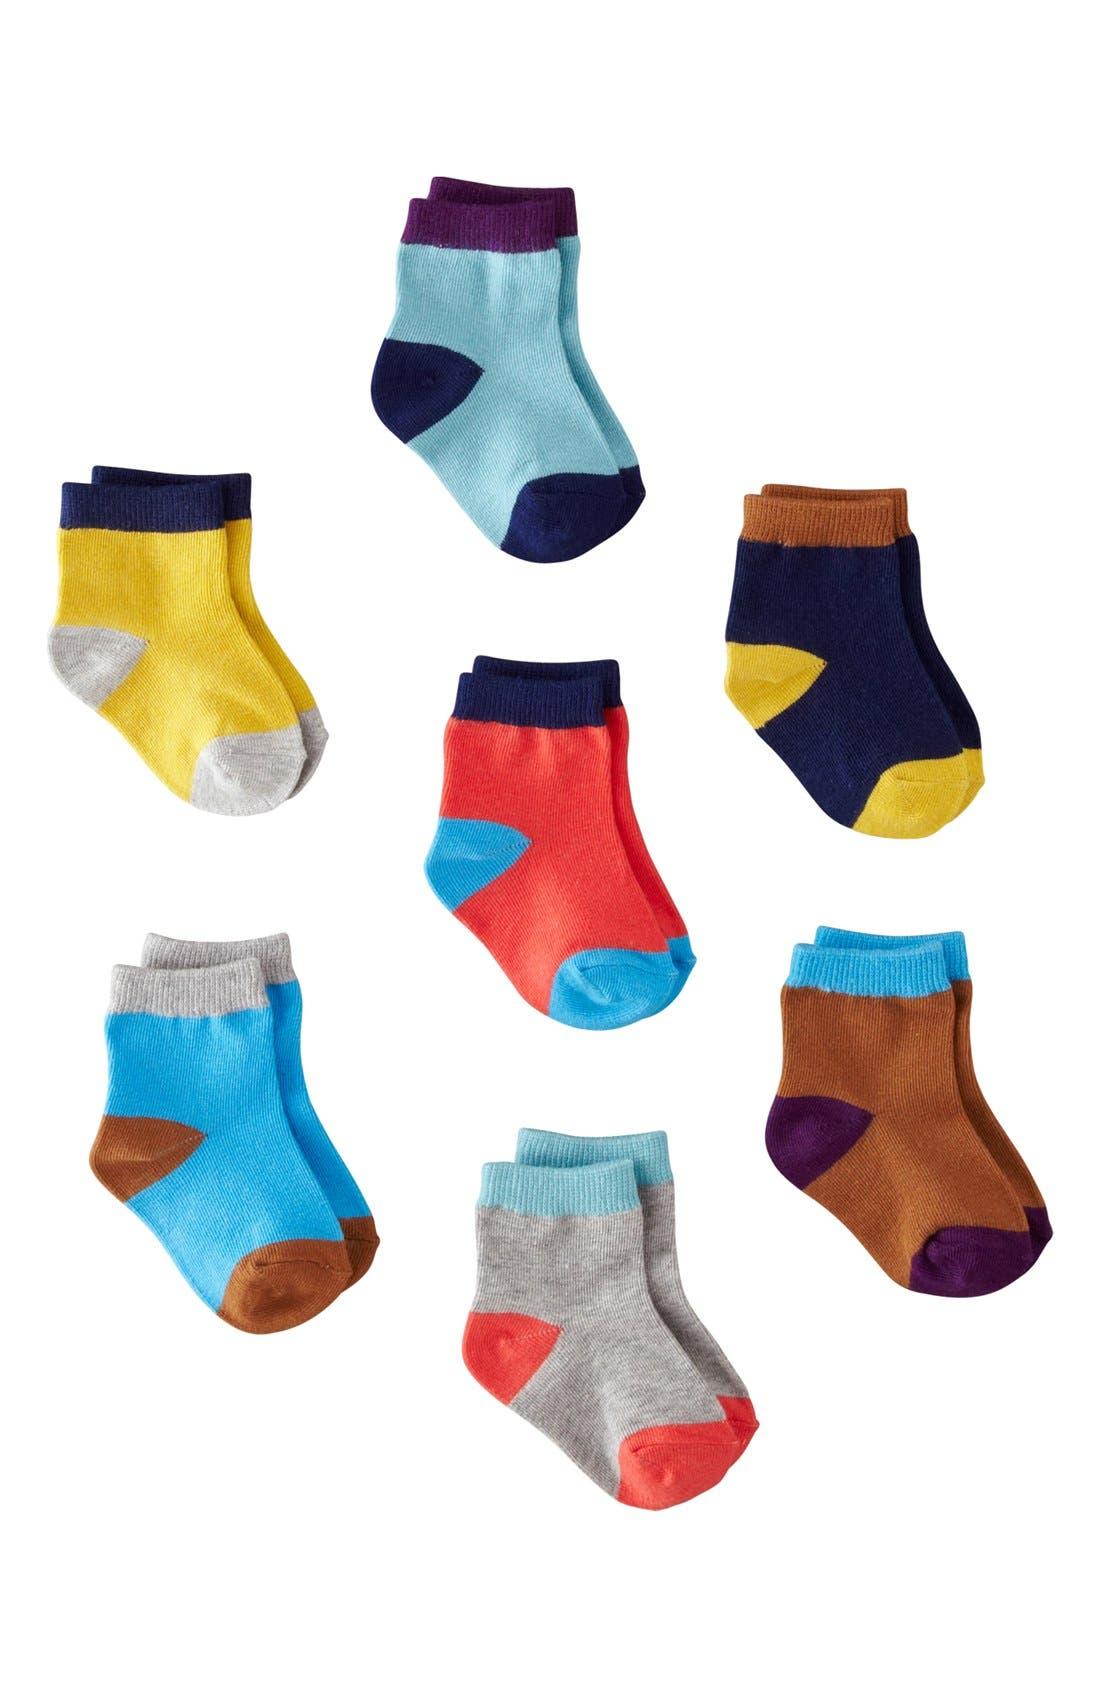 Alternate Image 1 Selected - Mini Boden Socks (7-Pack) (Baby)